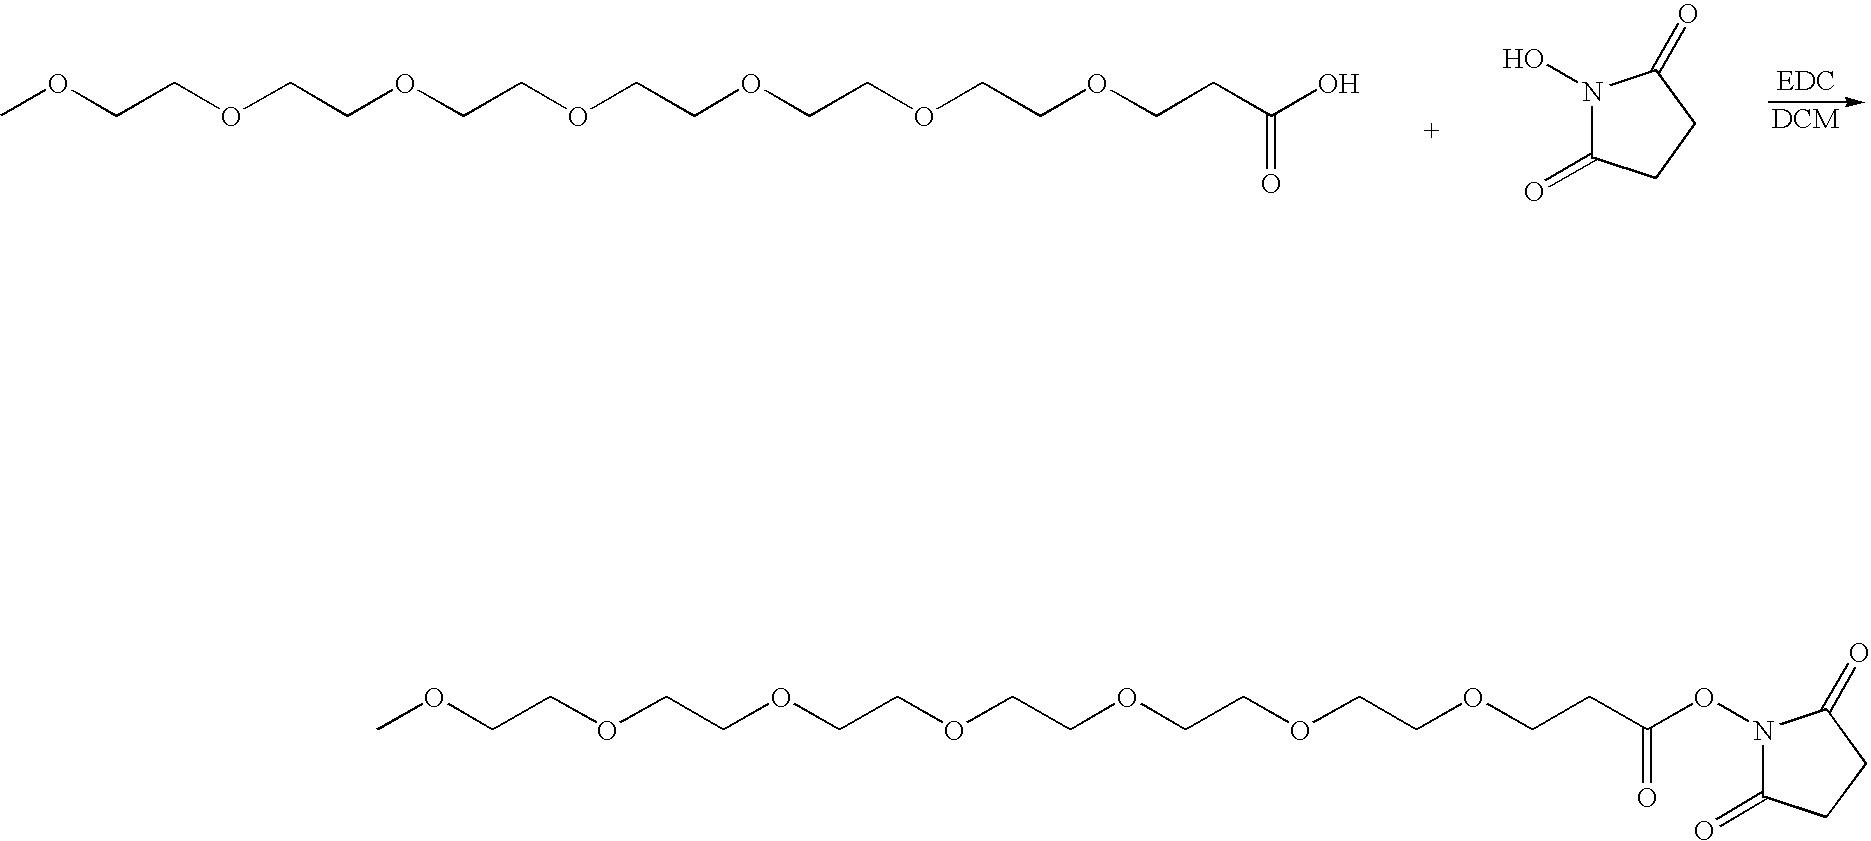 Figure US07605123-20091020-C00018